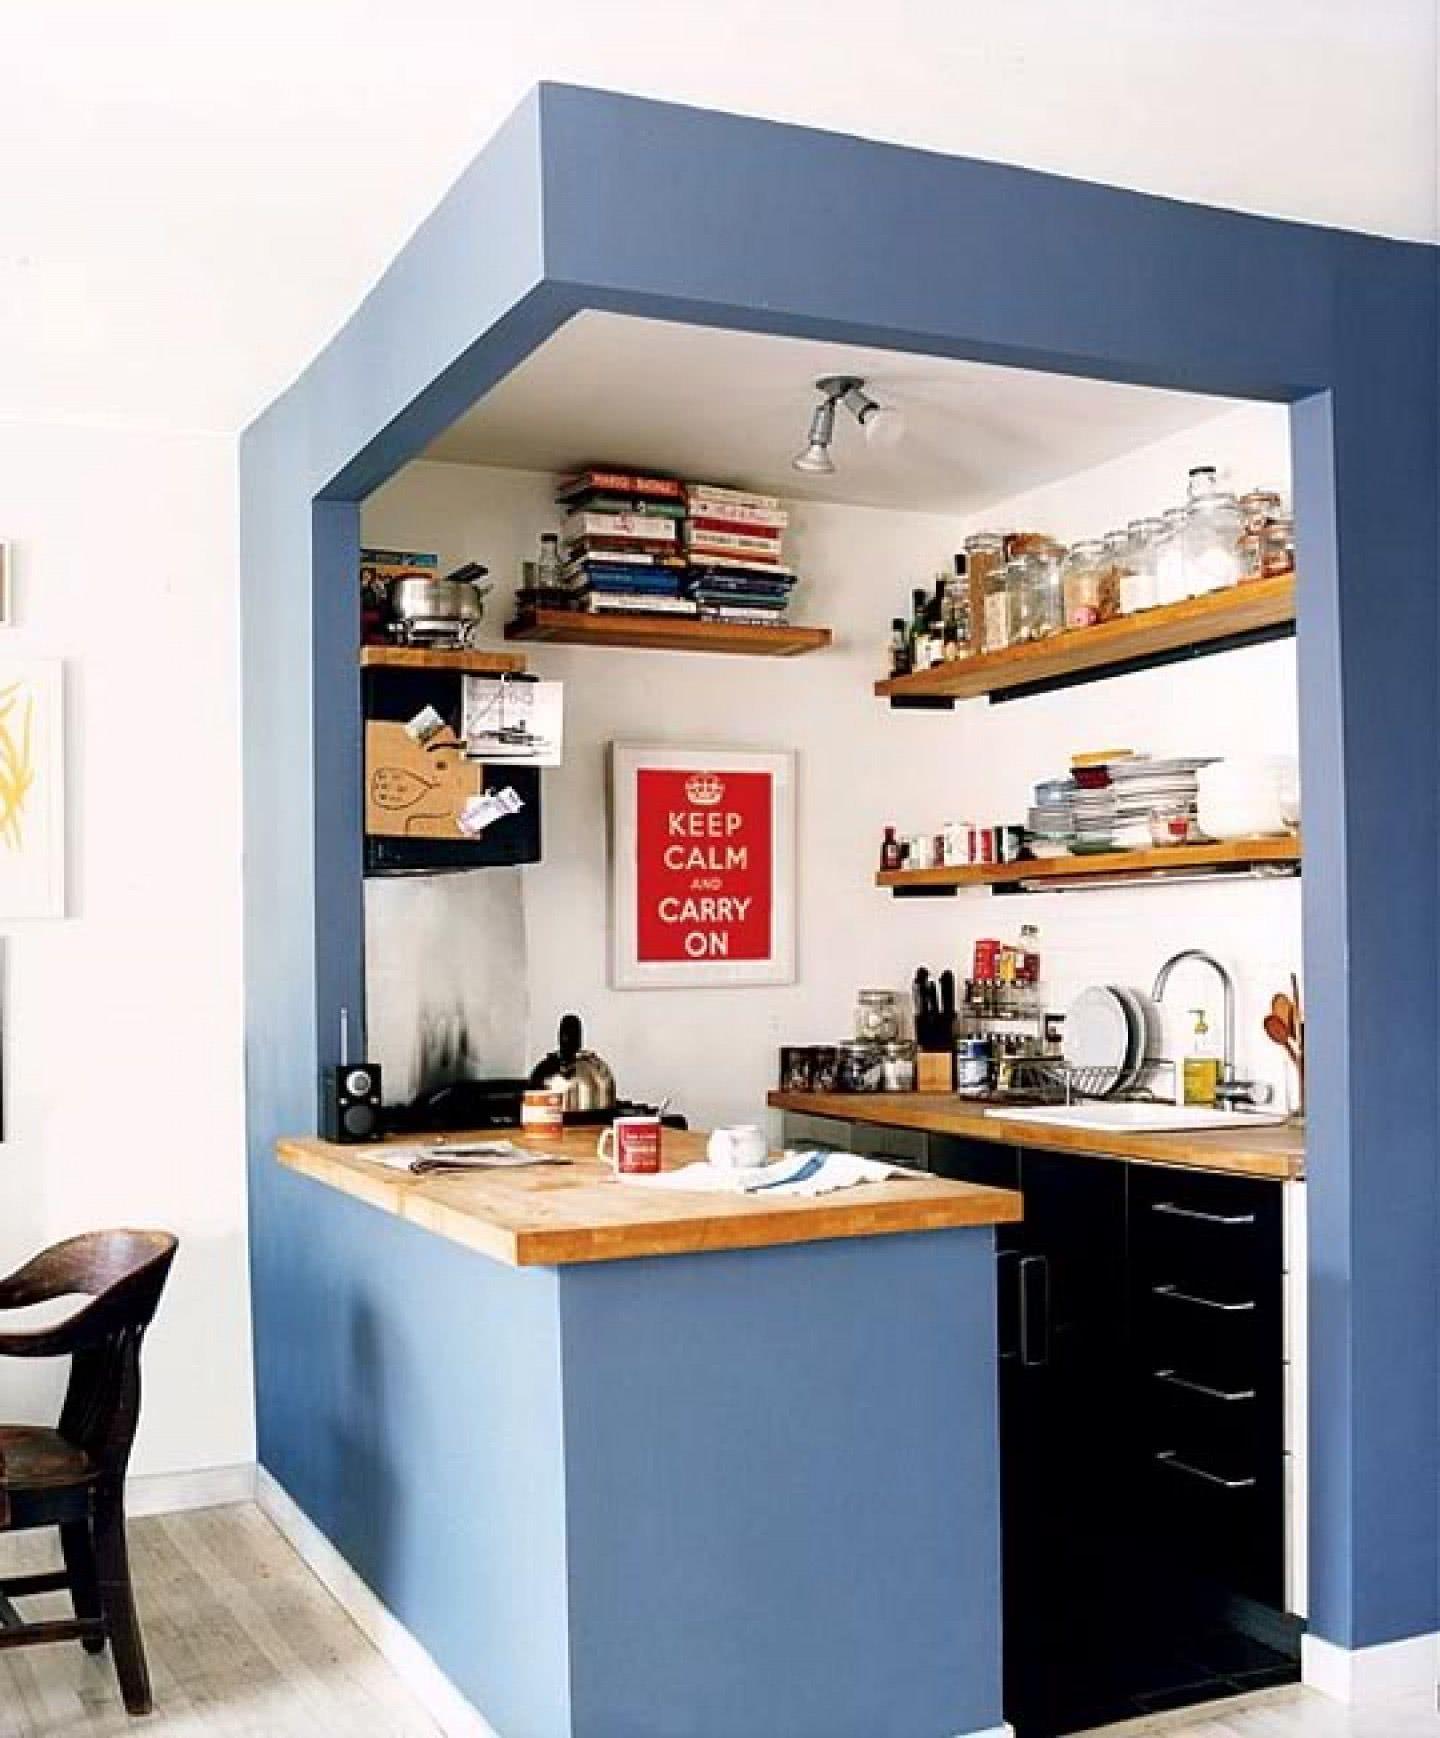 As prateleiras ajudam a armazenar os itens dessa cozinha.